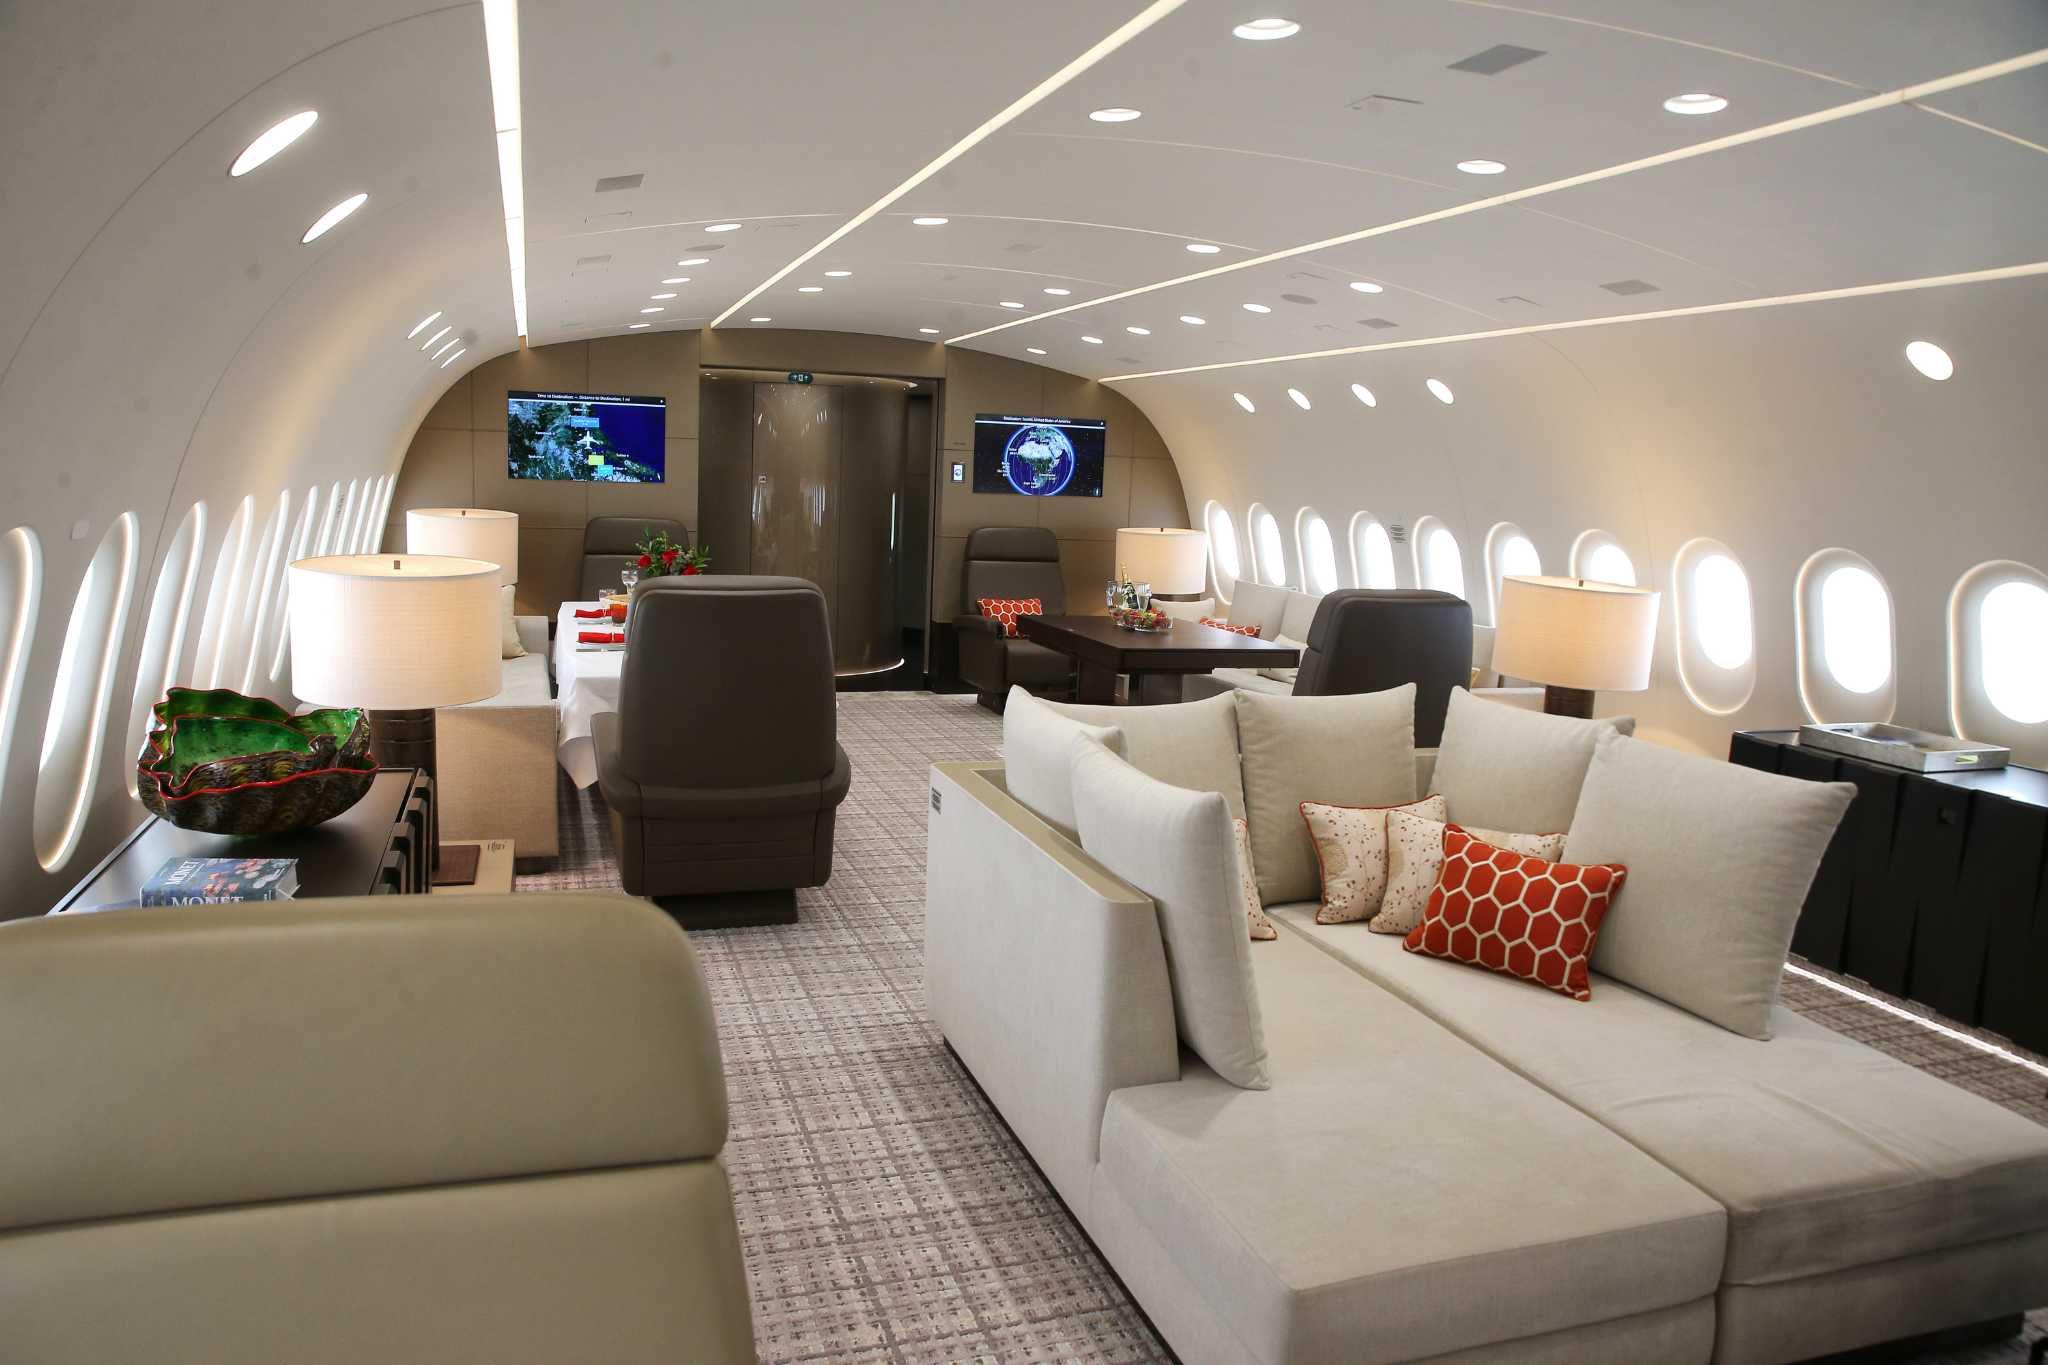 Peek inside this luxury Boeing bizliner unveiled in